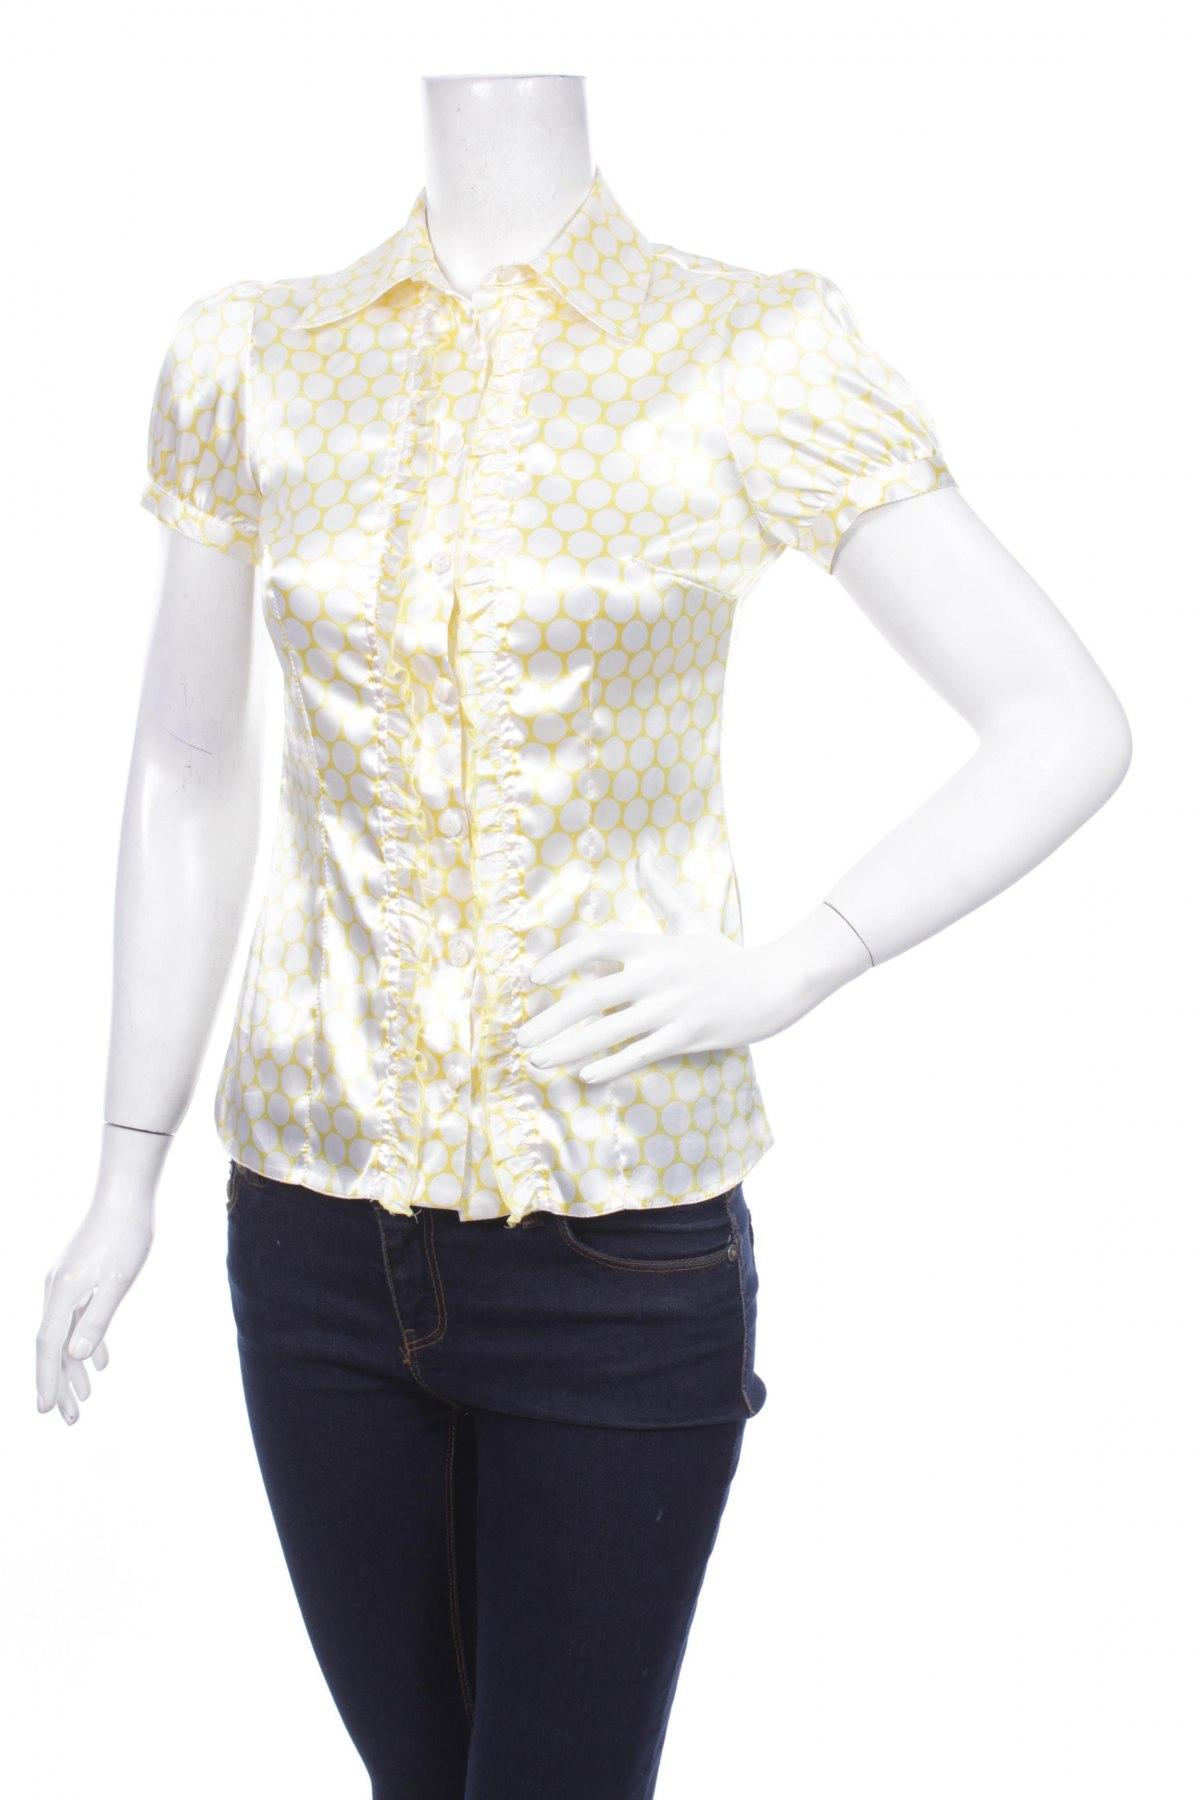 Γυναικείο πουκάμισο House of art